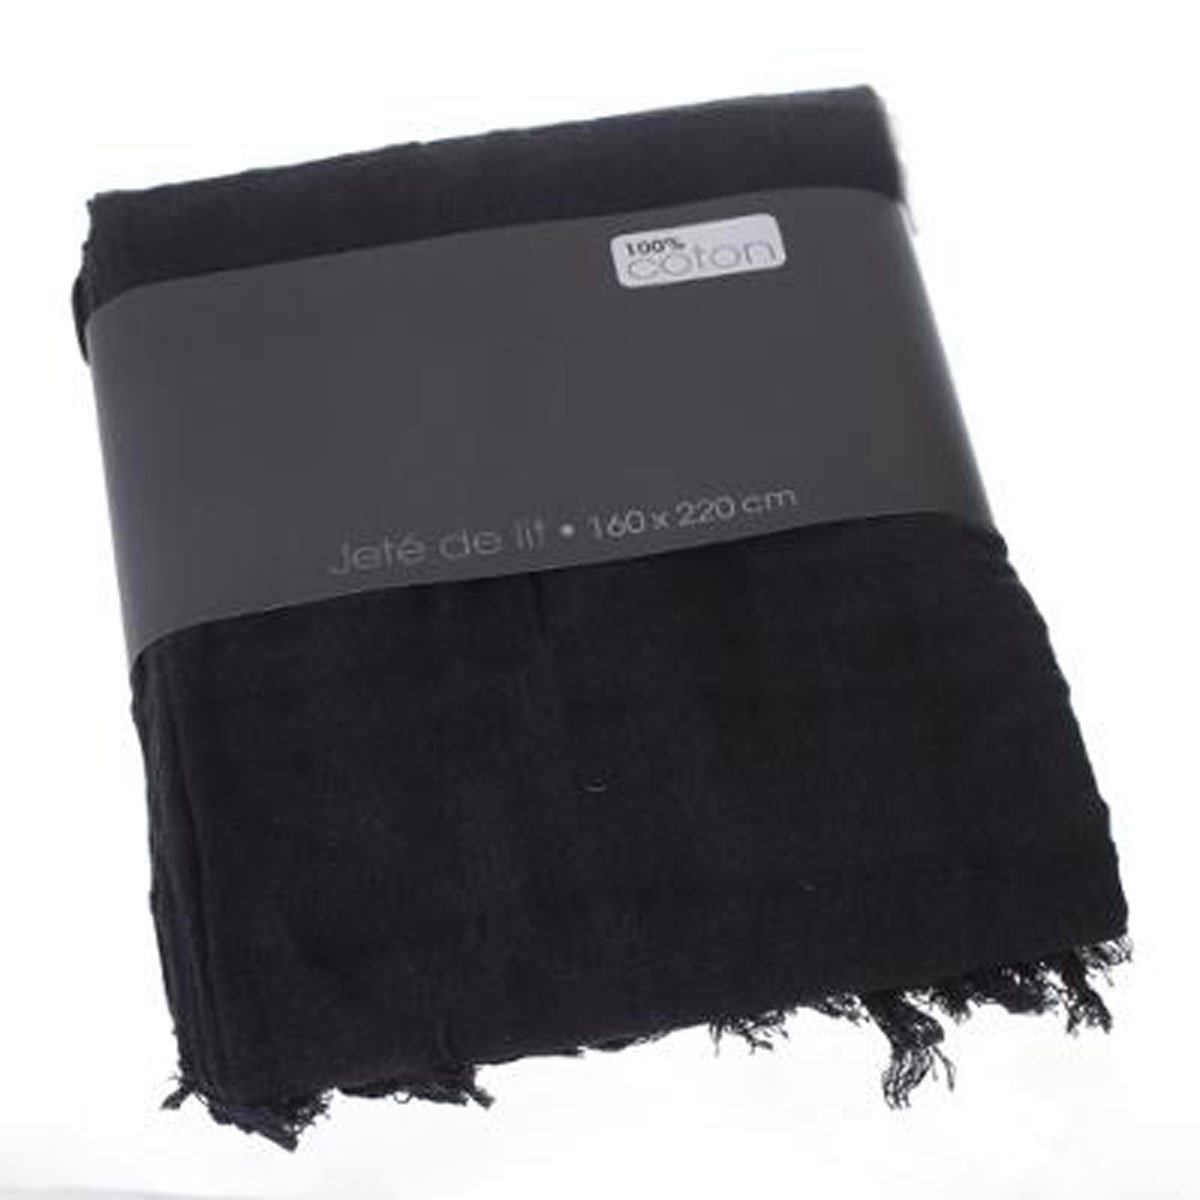 PEGANE Couvre-lit 160 x 220 cm Jet/é de lit en Coton Coloris Noir